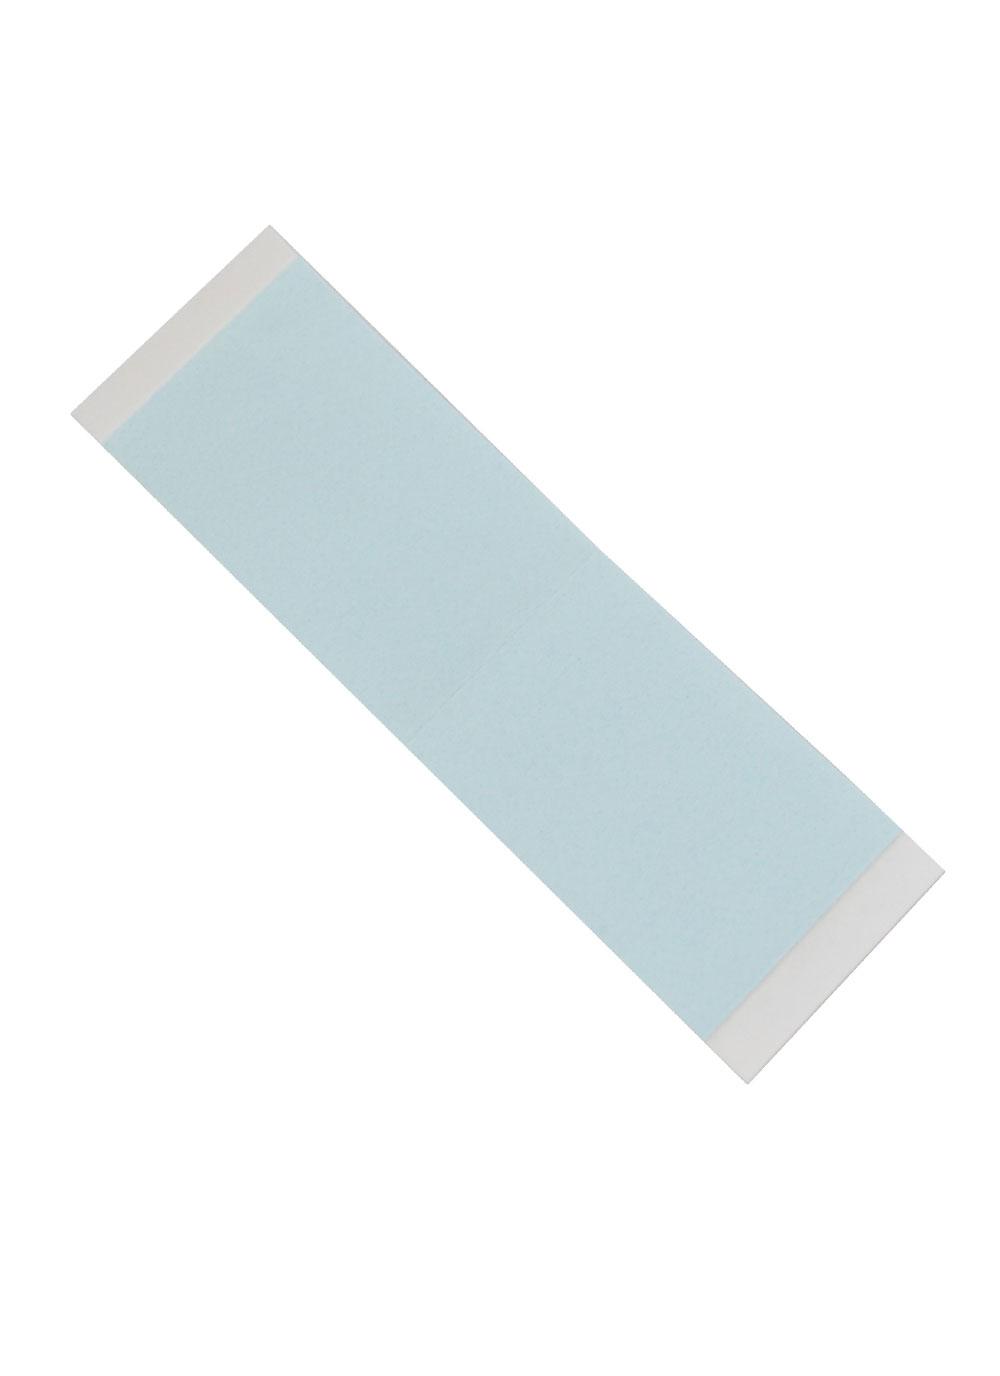 Gisela Mayer Zubehör: Derma Tec Blue Liner Klebestreifen 12mm 36 Stück